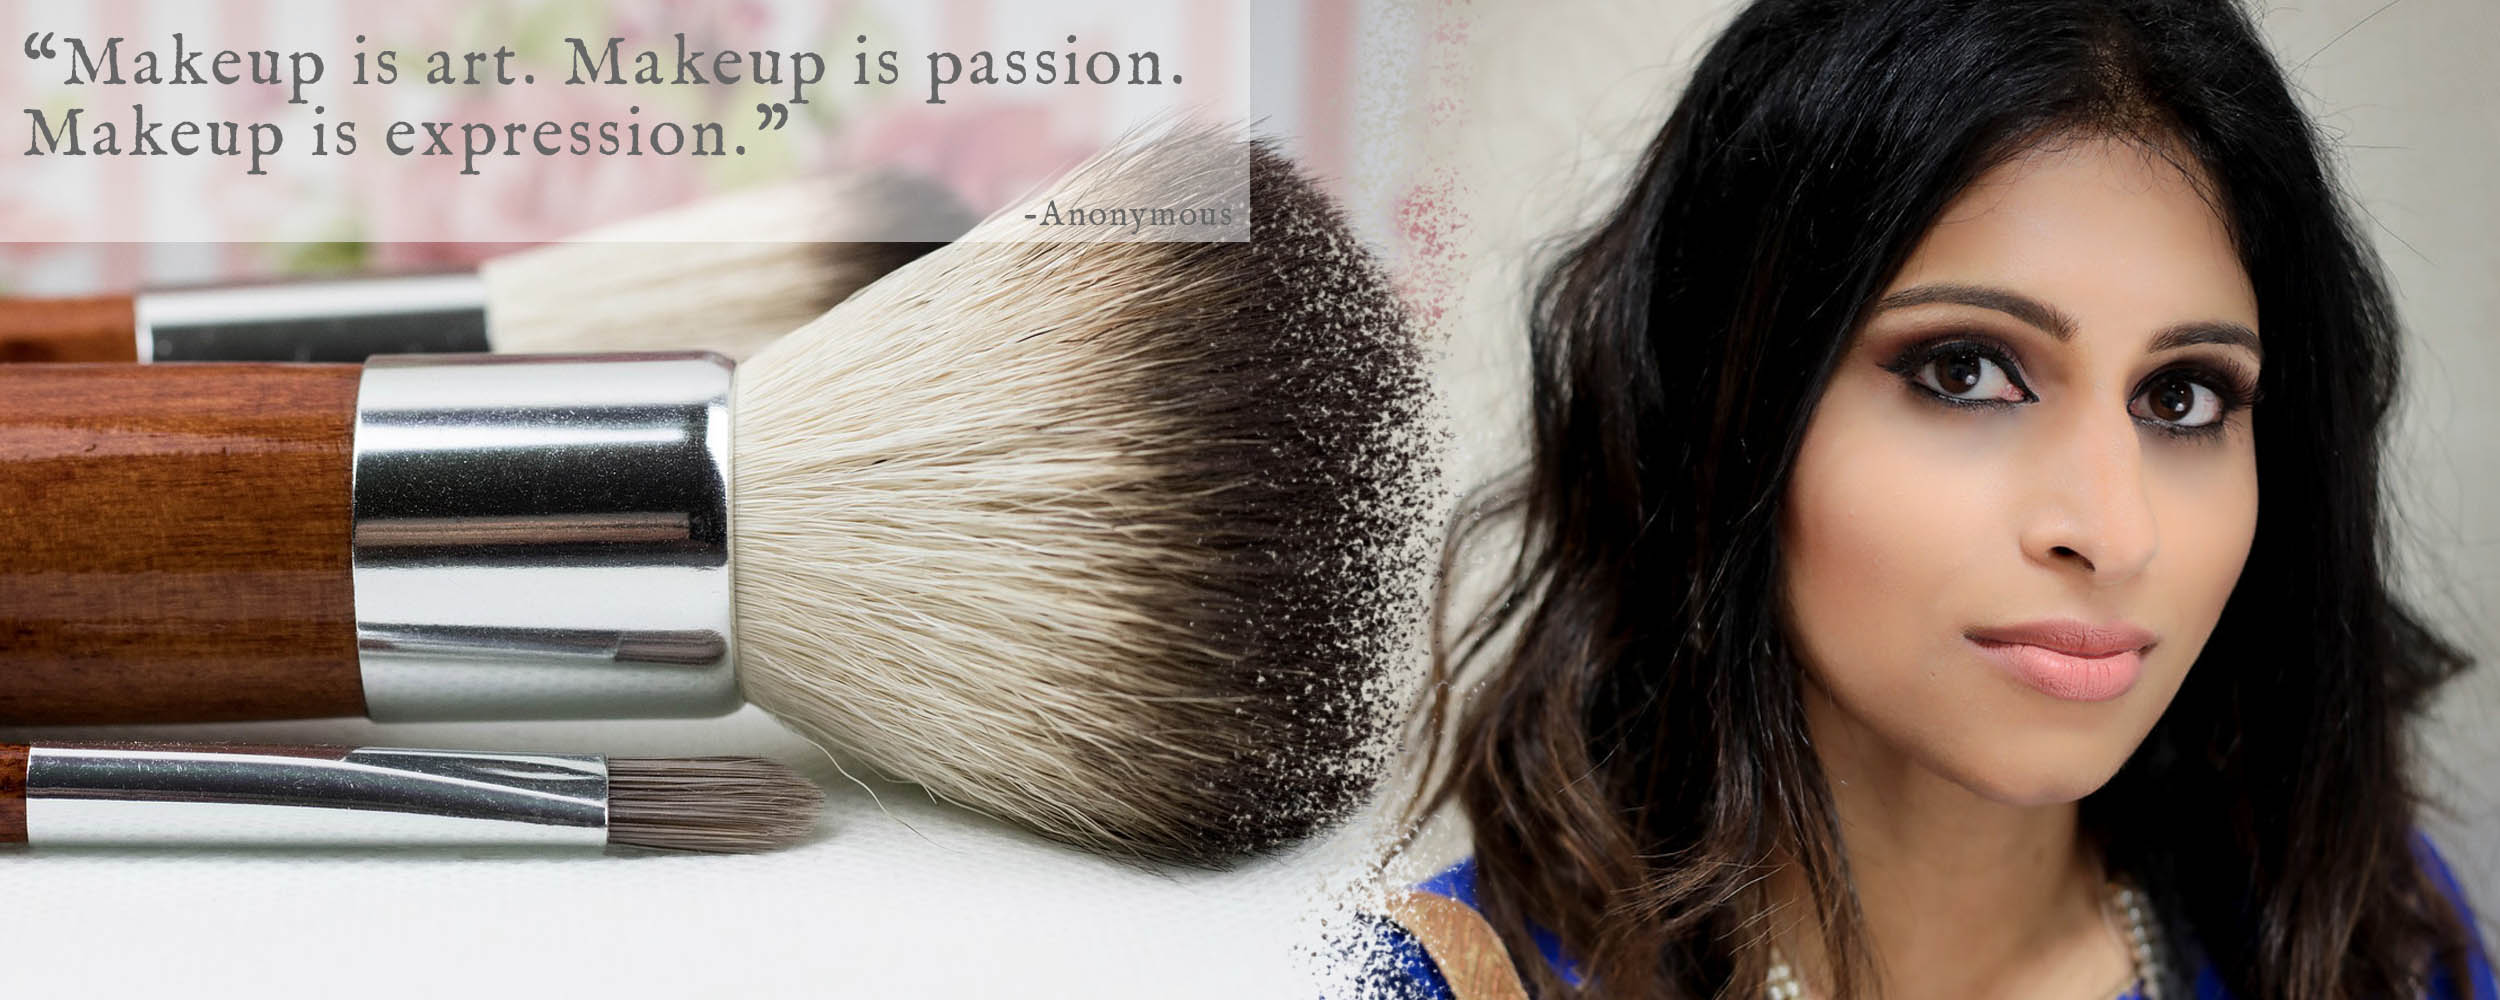 ami makeup brush 2